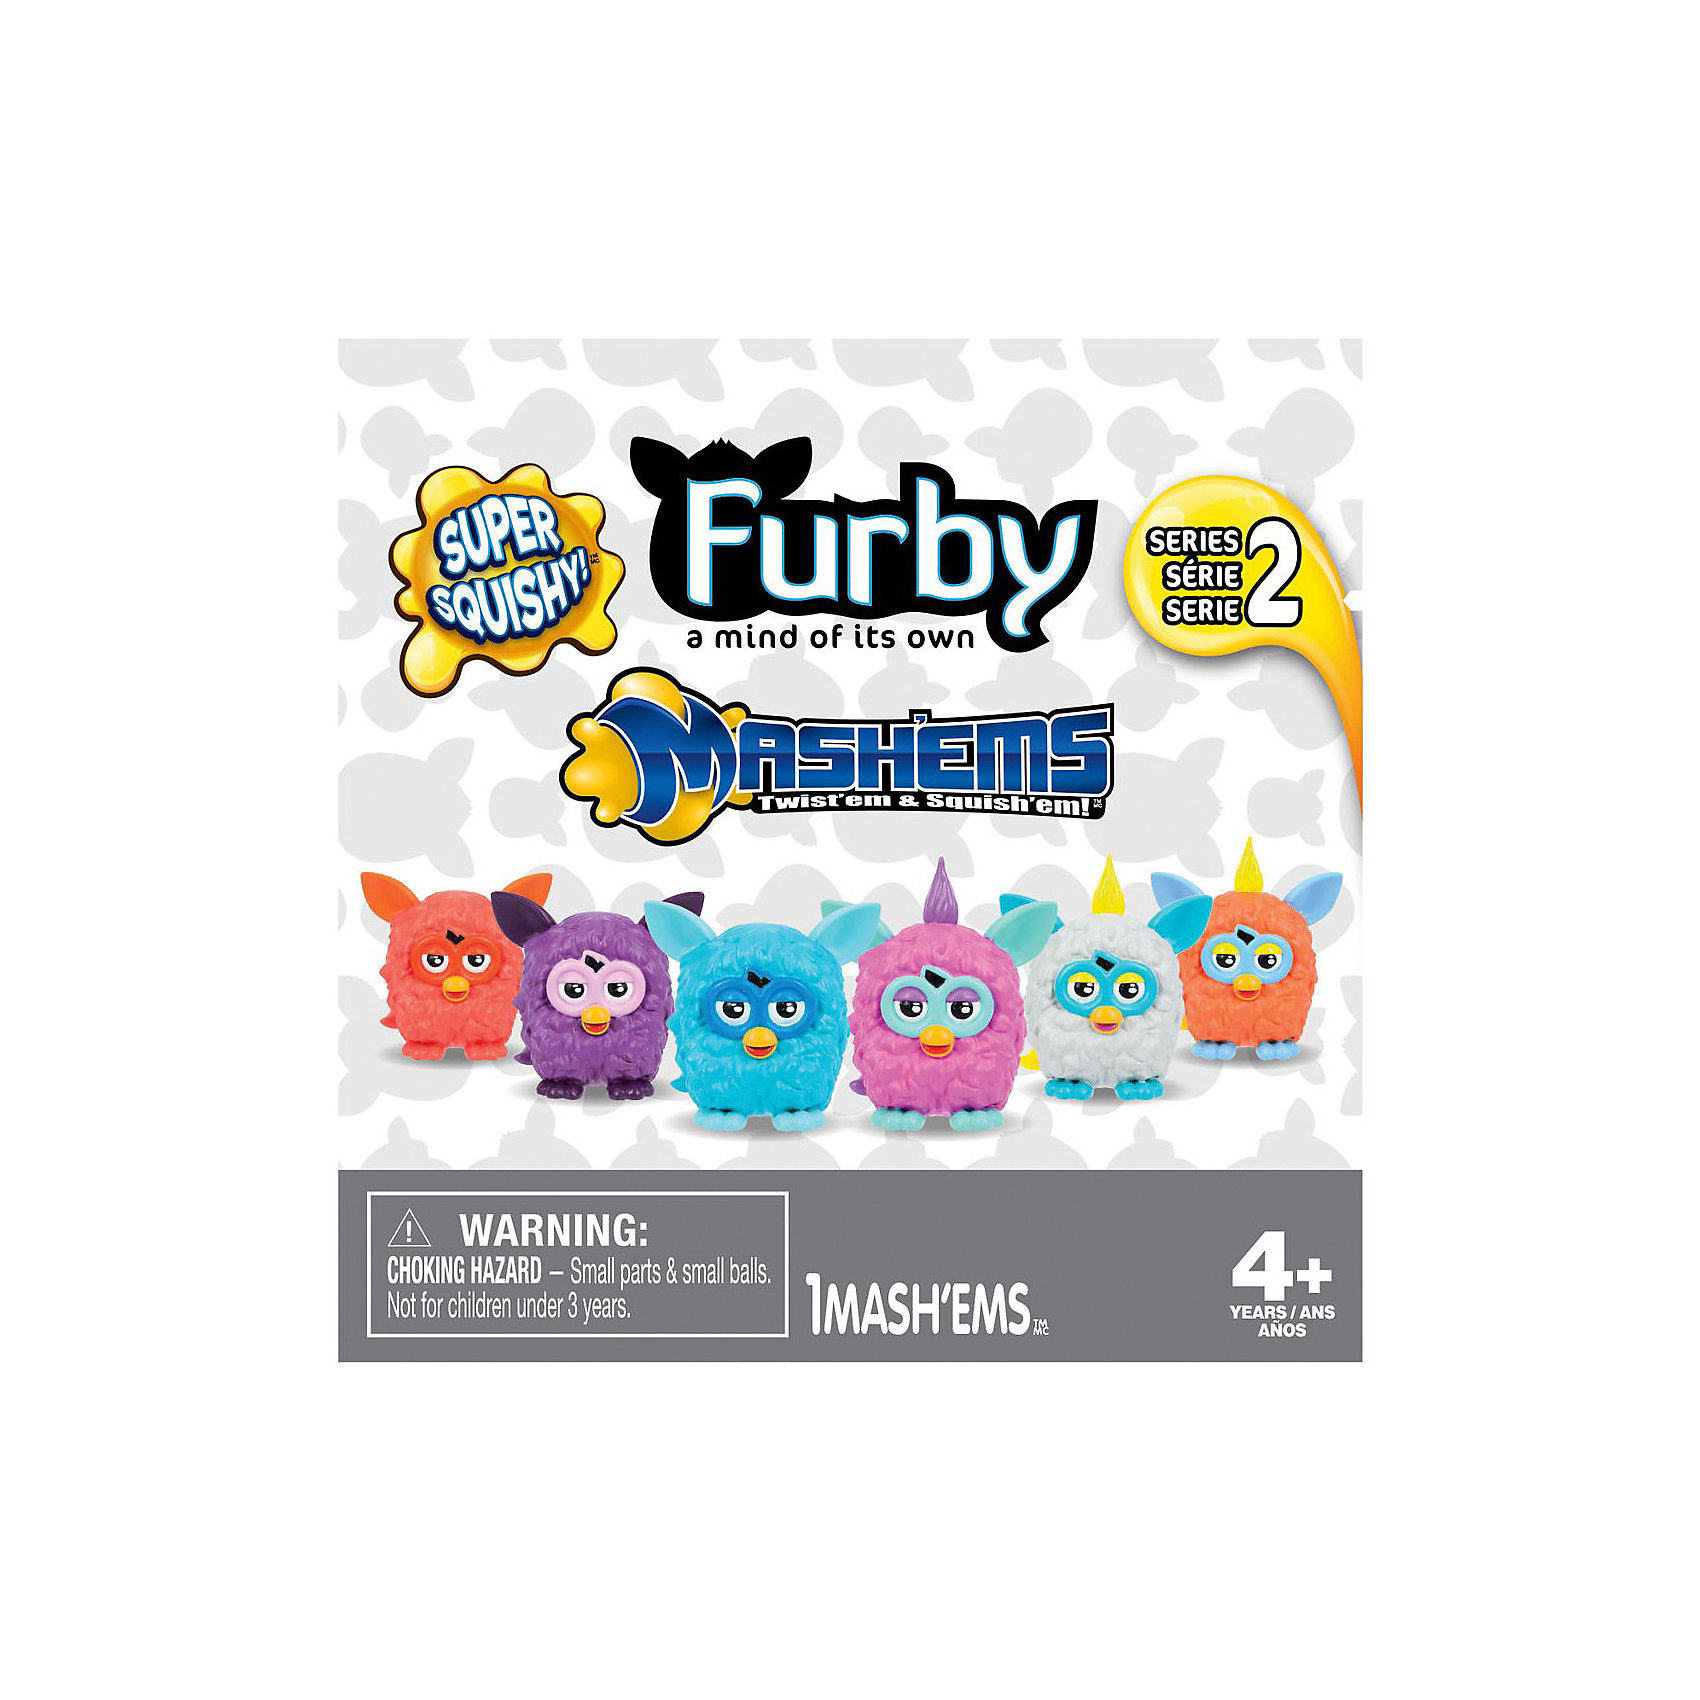 Игрушка-мялка Furby (Ферби),  в ассорт.Замечательная яркая игрушка-мялка Furby (Ферби) развлечет и успокоит Вашего малыша. Игрушка сделана в виде забавного милого существа Ферби из термопластичной резины и наполнена водой.<br><br>Материал игрушки очень крепкий и прочный, мялку можно сильно сжимать, кидать, крутить, и даже кидать ими в стену, с игрушкой ничего не случится. При ударе или сжатии игрушка-мялка расплющится, а потом опять вернется в первоначальное состояние.<br><br>Антистрессовую игрушку-мялку очень приятно держать в руках, способствует развитию у ребенка мелкой моторики, с ней также можно играть в ванной. <br><br>Дополнительная информация:<br><br>- Материал: термопластичная резина, вода.<br>- Размер игрушки: 5 см.<br>- Вес: 43 гр.<br><br>Игрушку-мялку от Ферби можно купить в нашем интернет-магазине.<br><br>ВНИМАНИЕ! Данный артикул имеется в наличии в разных цветовых исполнениях. К сожалению, заранее выбрать определенный цвет не возможно.<br><br>Ширина мм: 38<br>Глубина мм: 105<br>Высота мм: 115<br>Вес г: 43<br>Возраст от месяцев: 48<br>Возраст до месяцев: 144<br>Пол: Унисекс<br>Возраст: Детский<br>SKU: 3499555